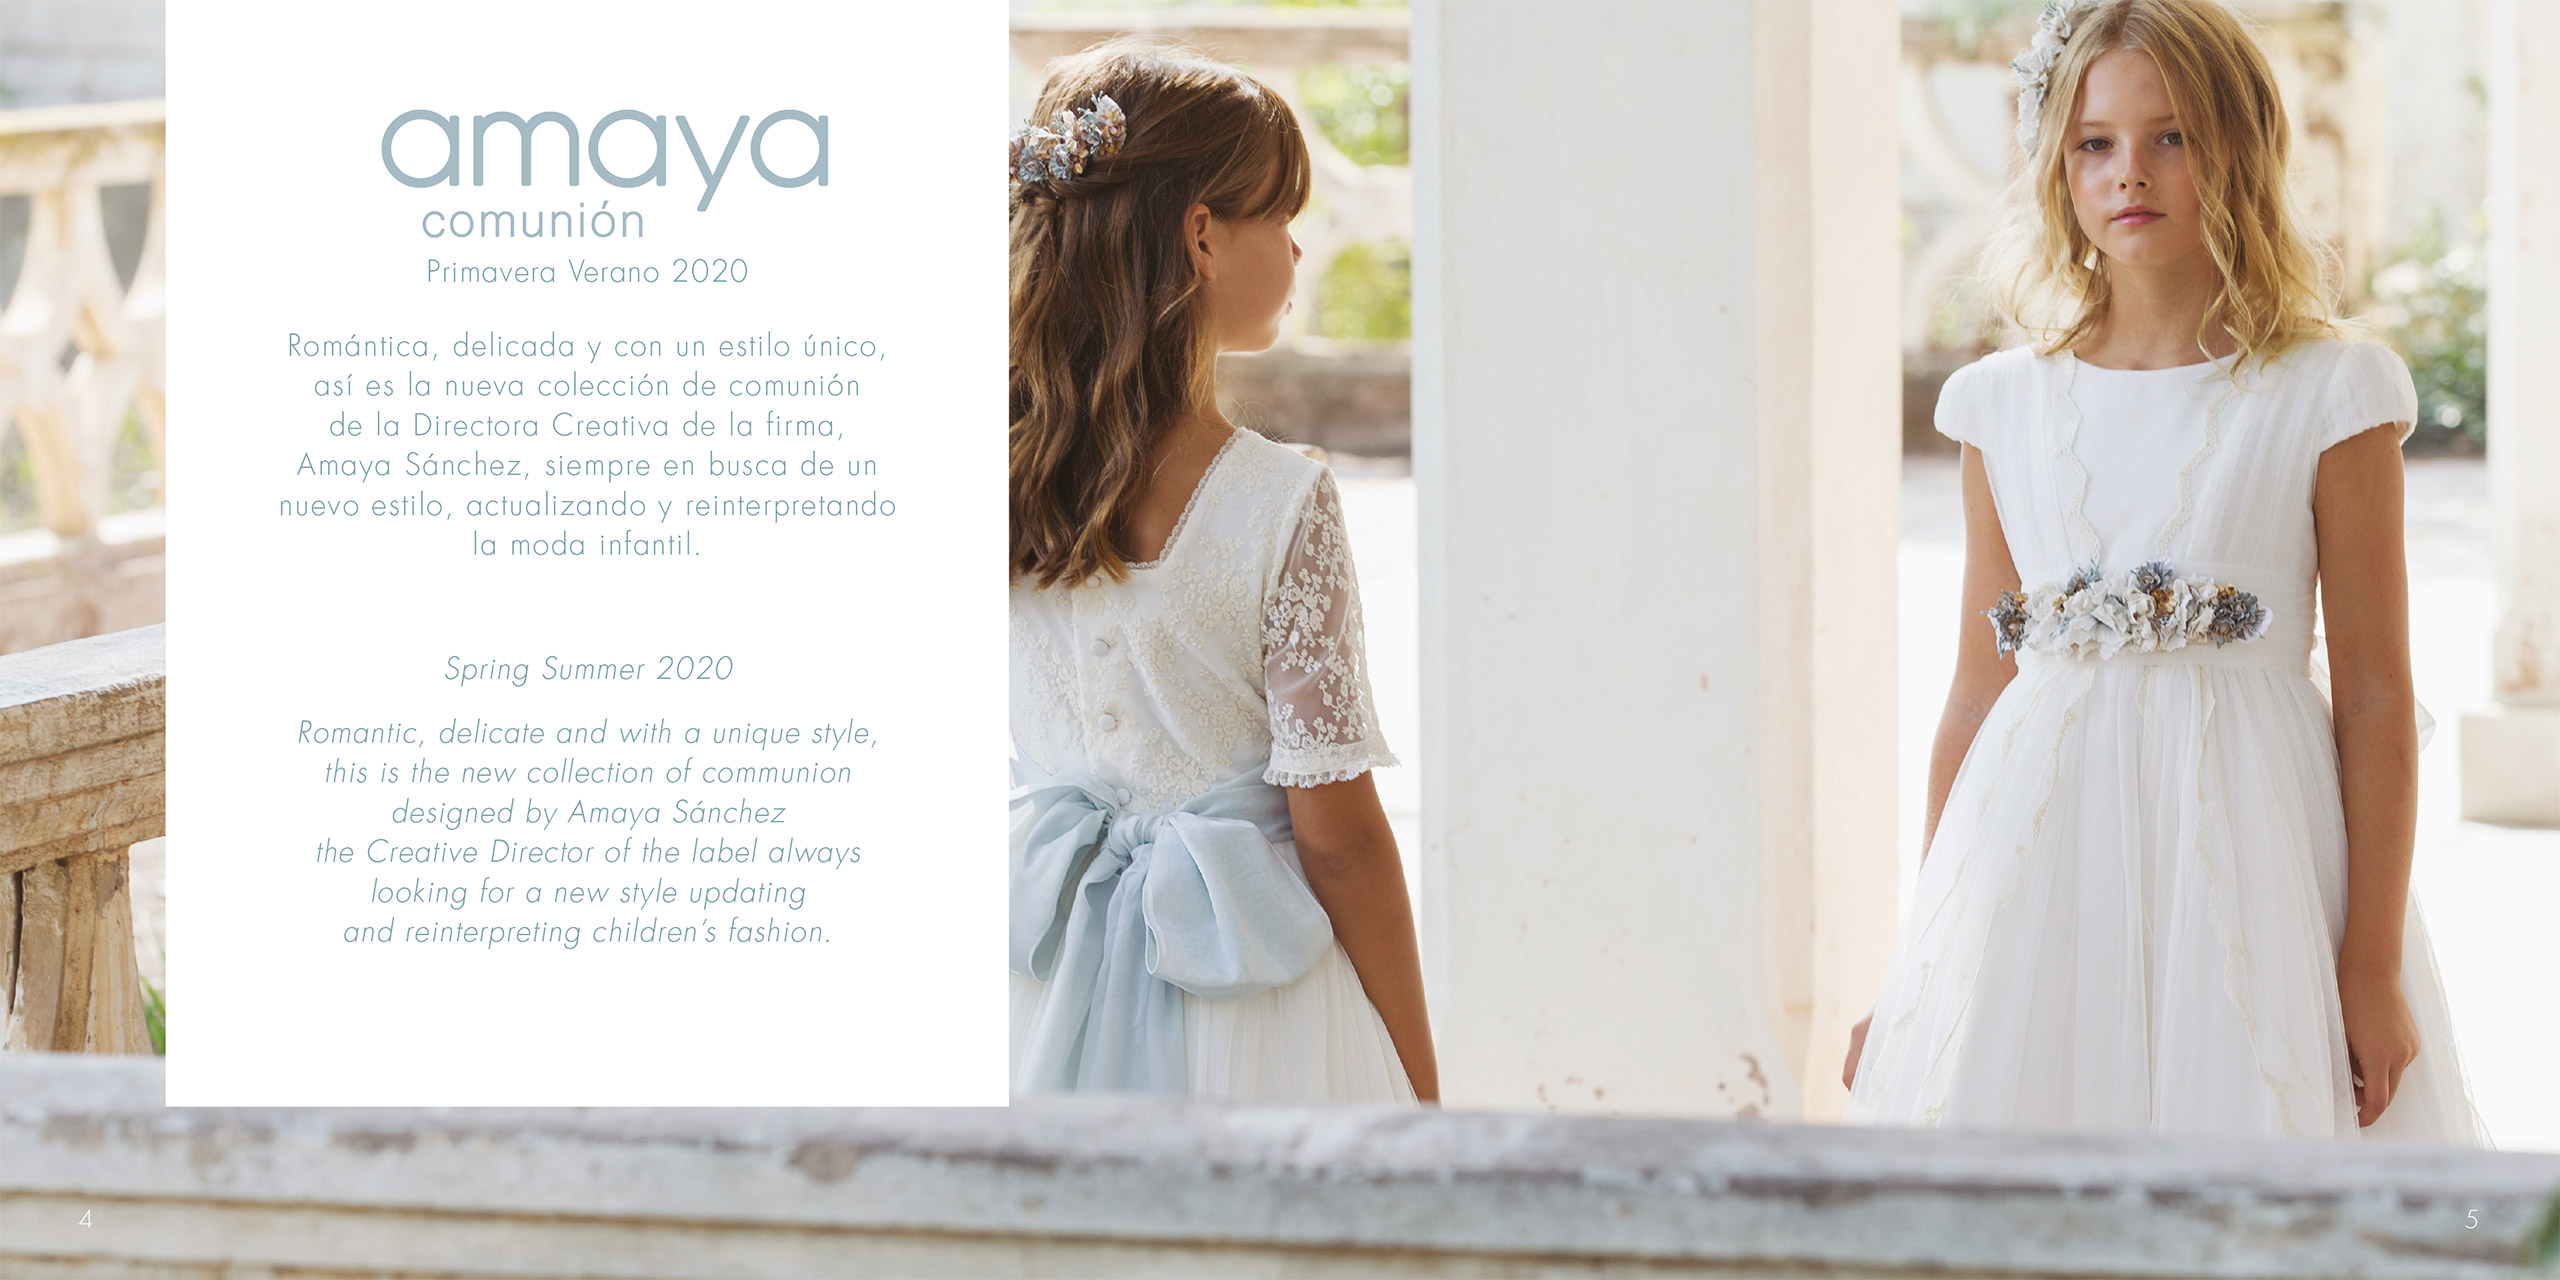 amaya-comunion-catalogo-2p-03